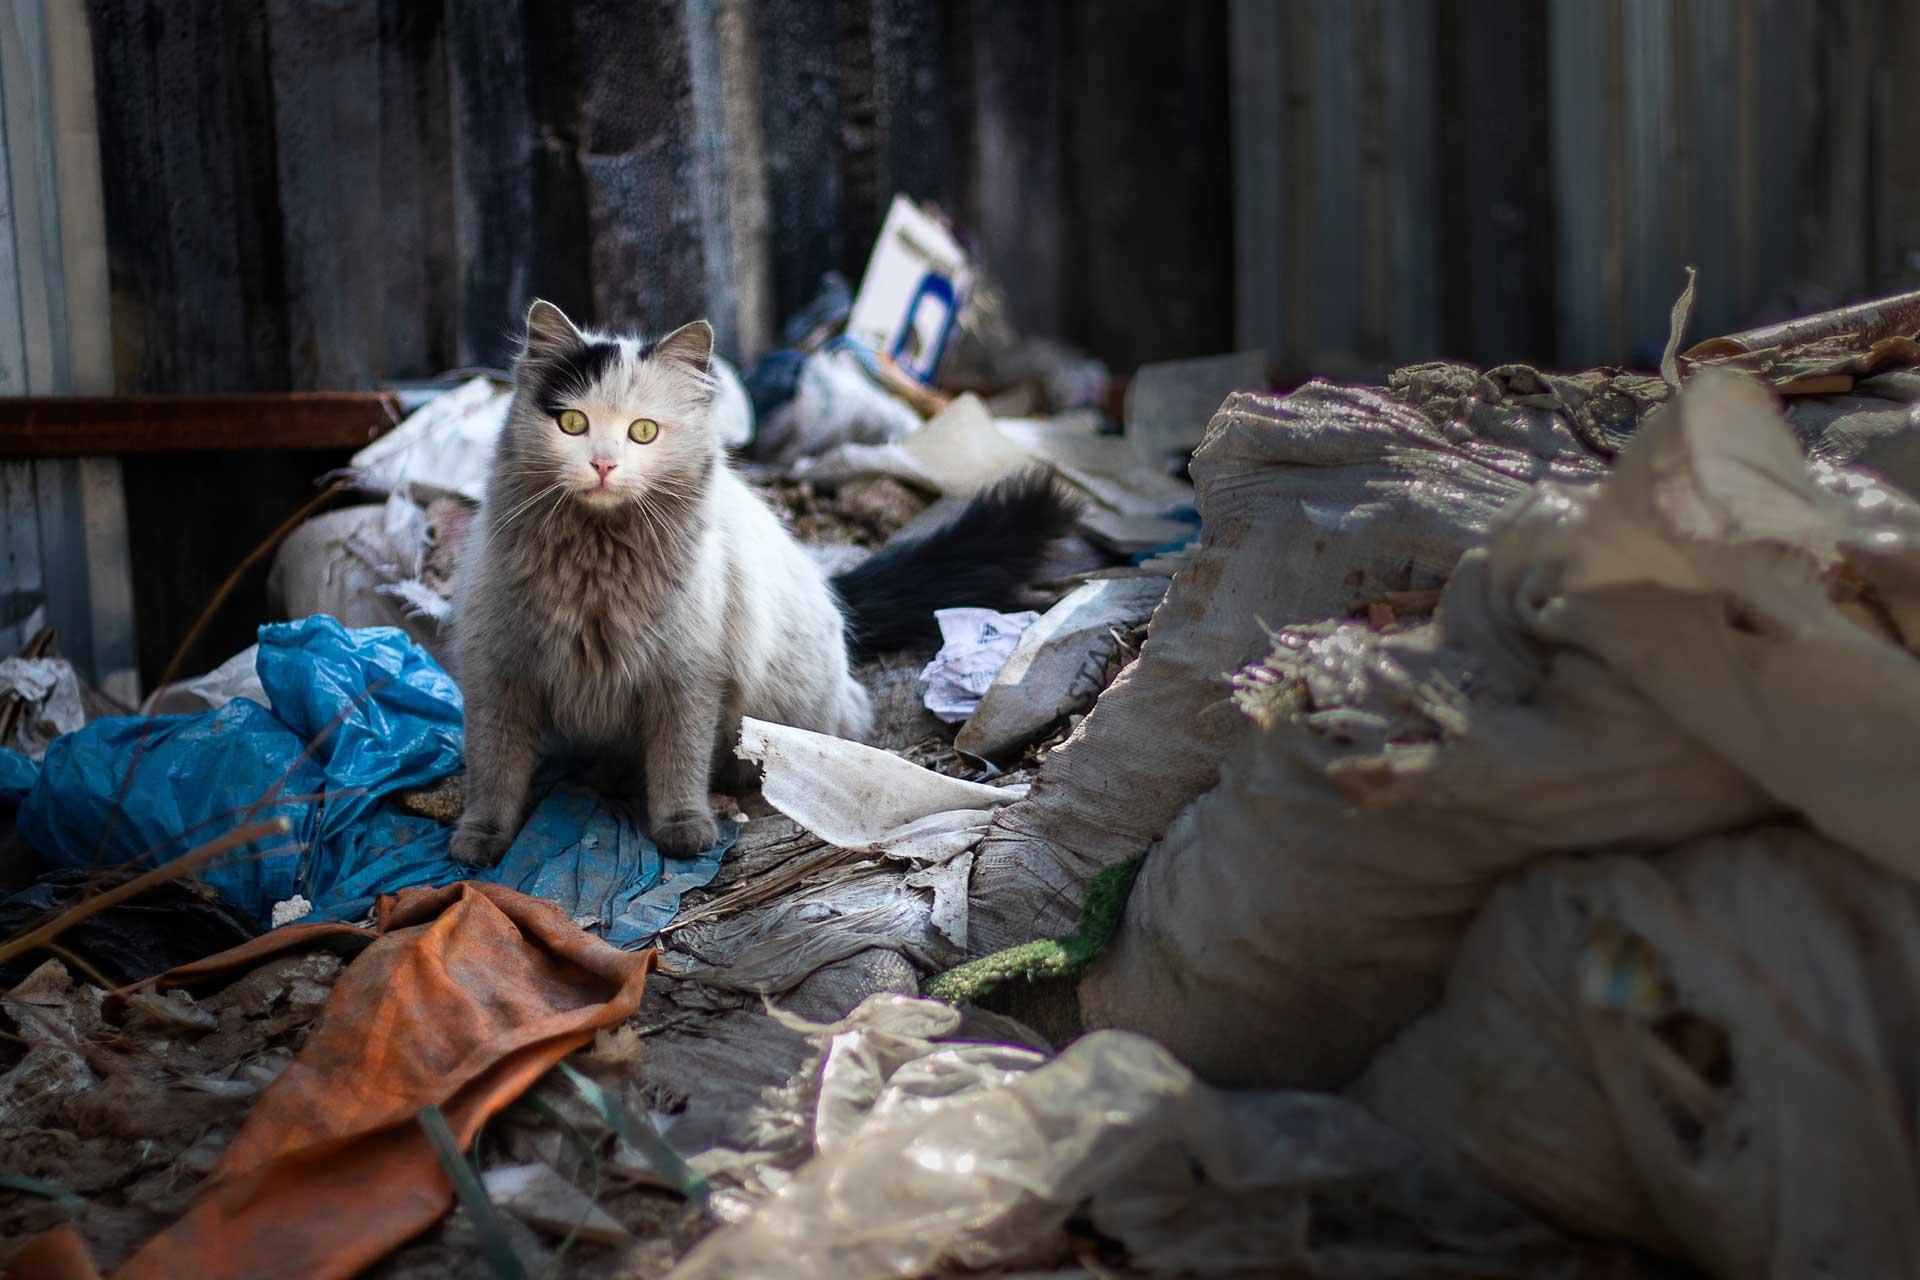 Çöp Kedisii Ankara Fotoğrafları Ankara Sokaklarından Resimler Gezgin Fotoğrafçı Çekergezer Hakan Aydın Ankara Fotoğrafları